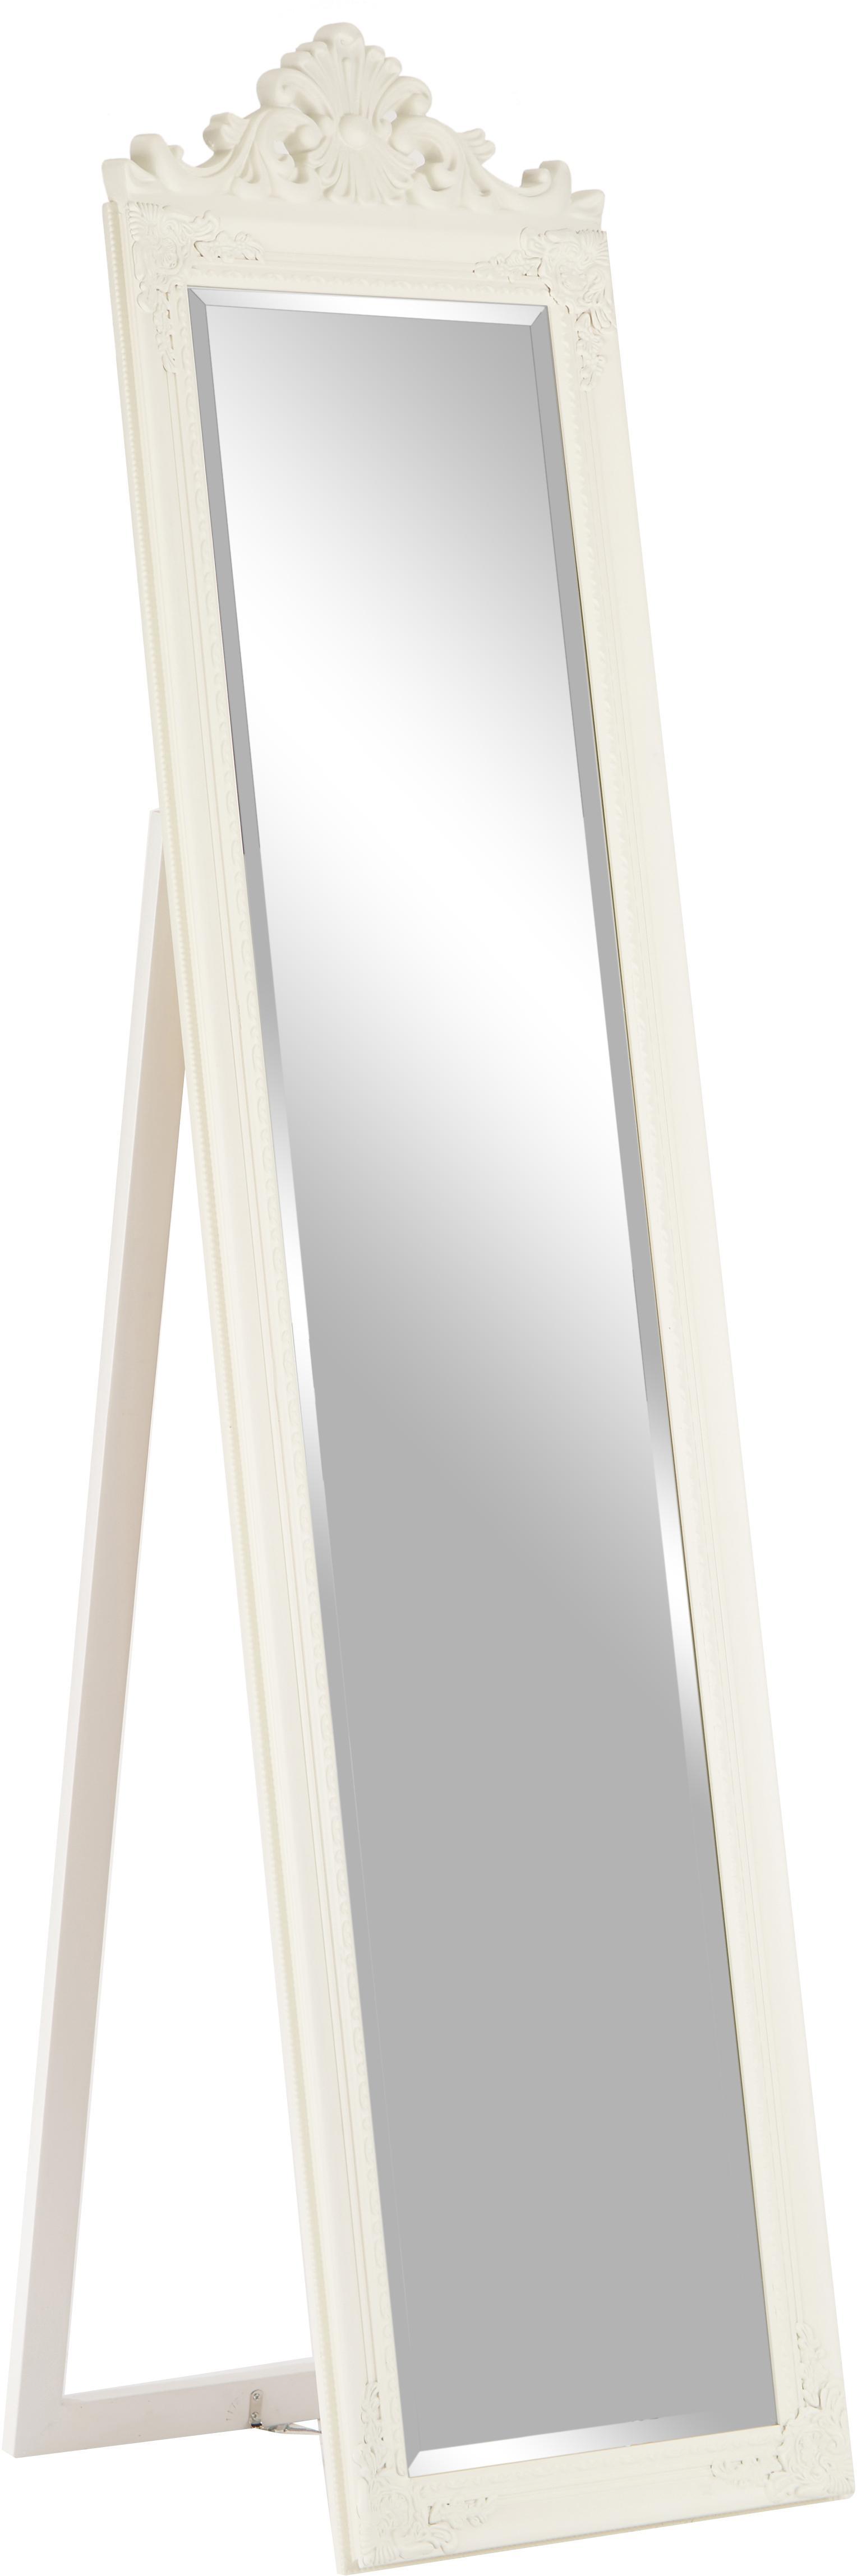 Specchio da terra con cornice in legno Lambeth, Cornice: legno di paulownia, polir, Superficie dello specchio: lastra di vetro, Bianco, Larg. 46 x Alt. 179 cm